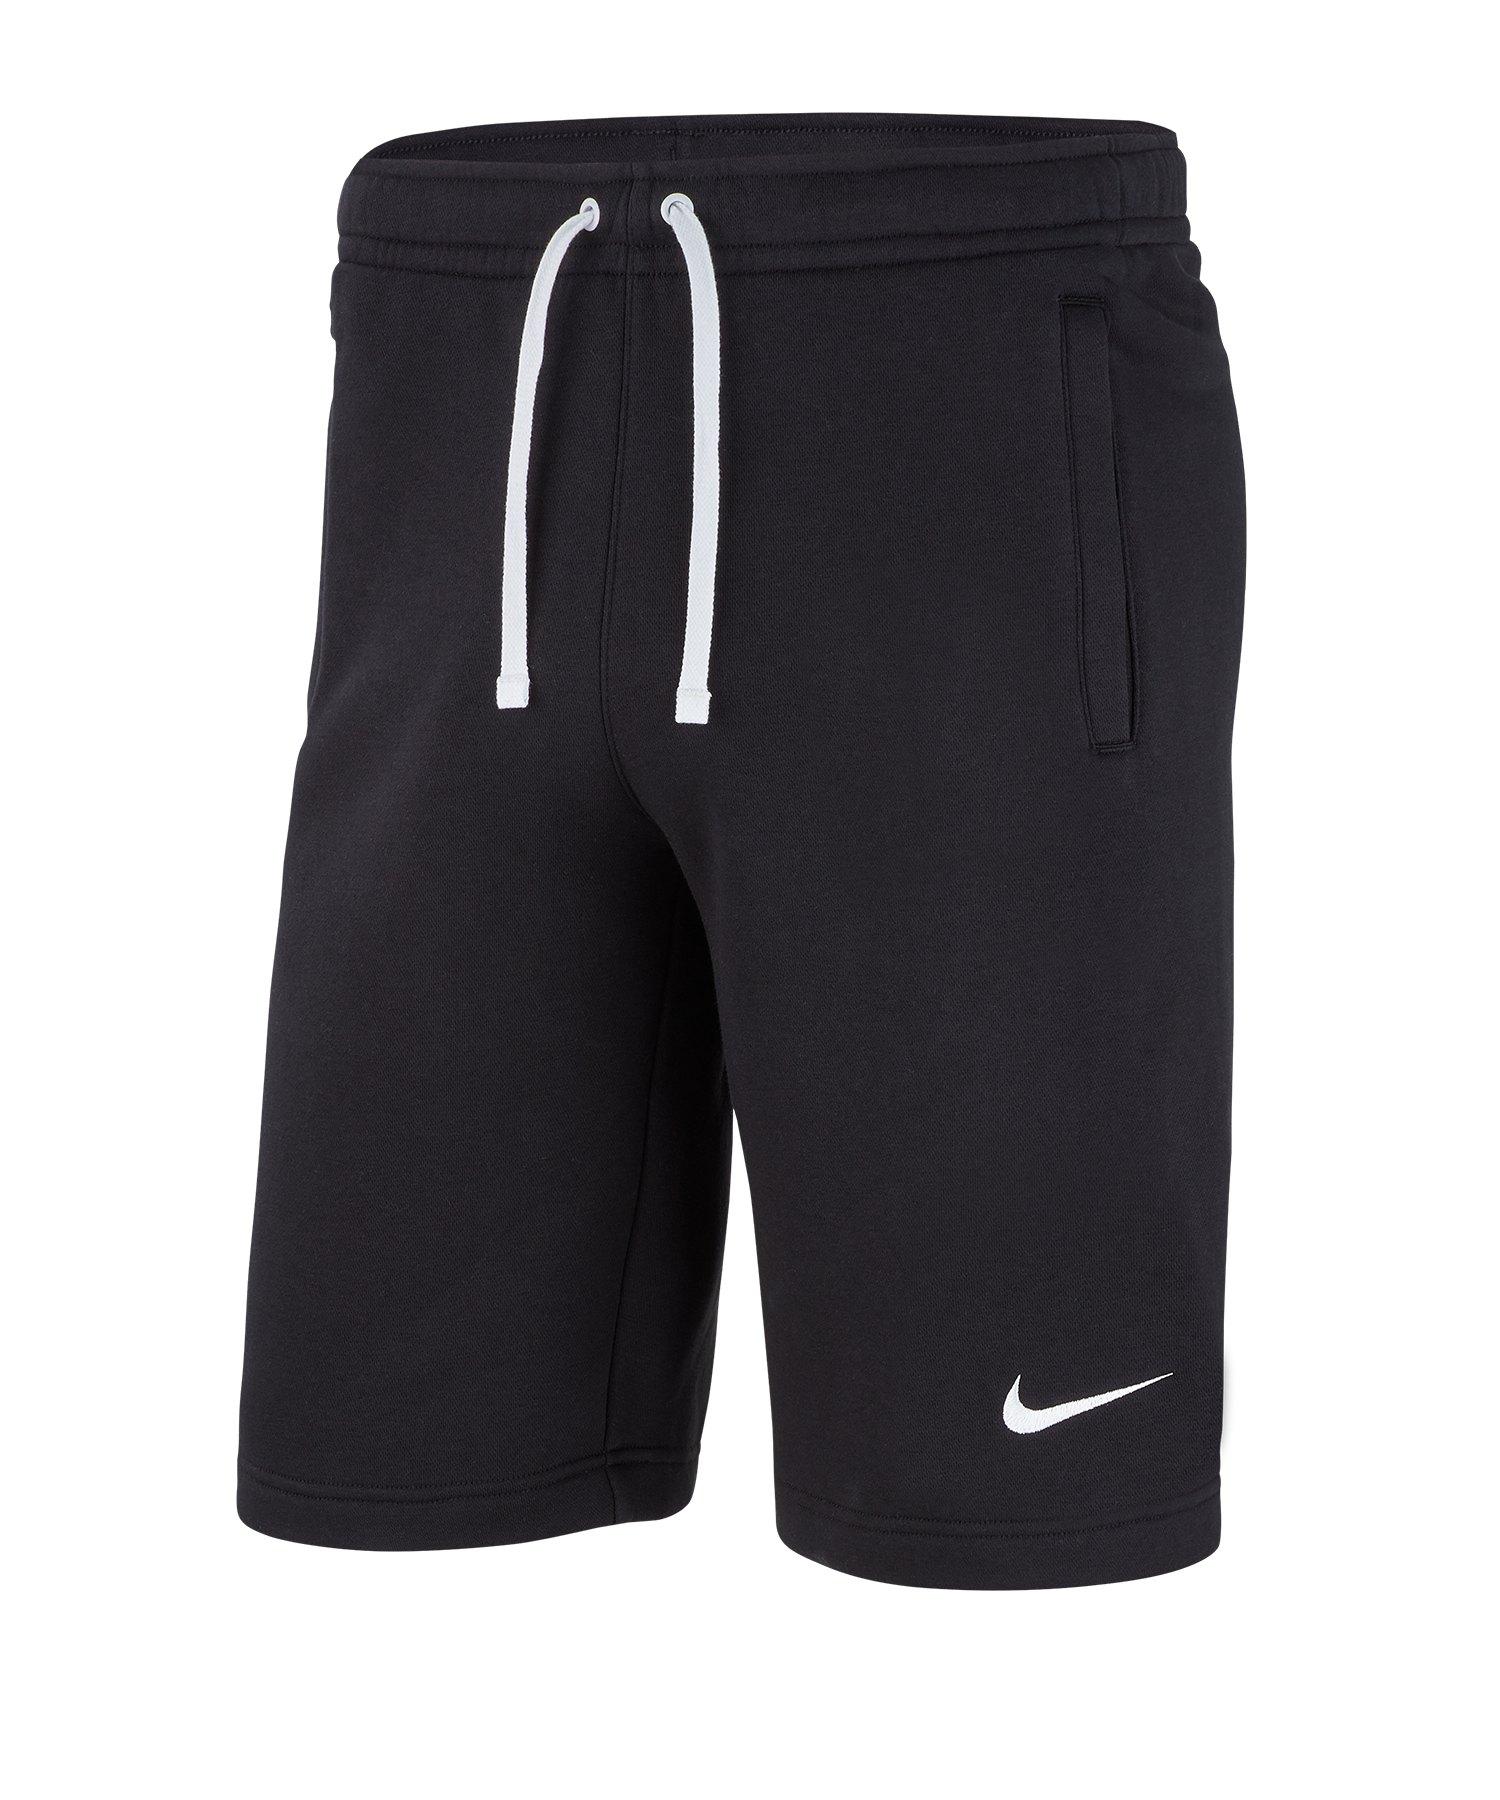 Nike Club 19 Fleece Short Kids Schwarz Weiss F010 - schwarz